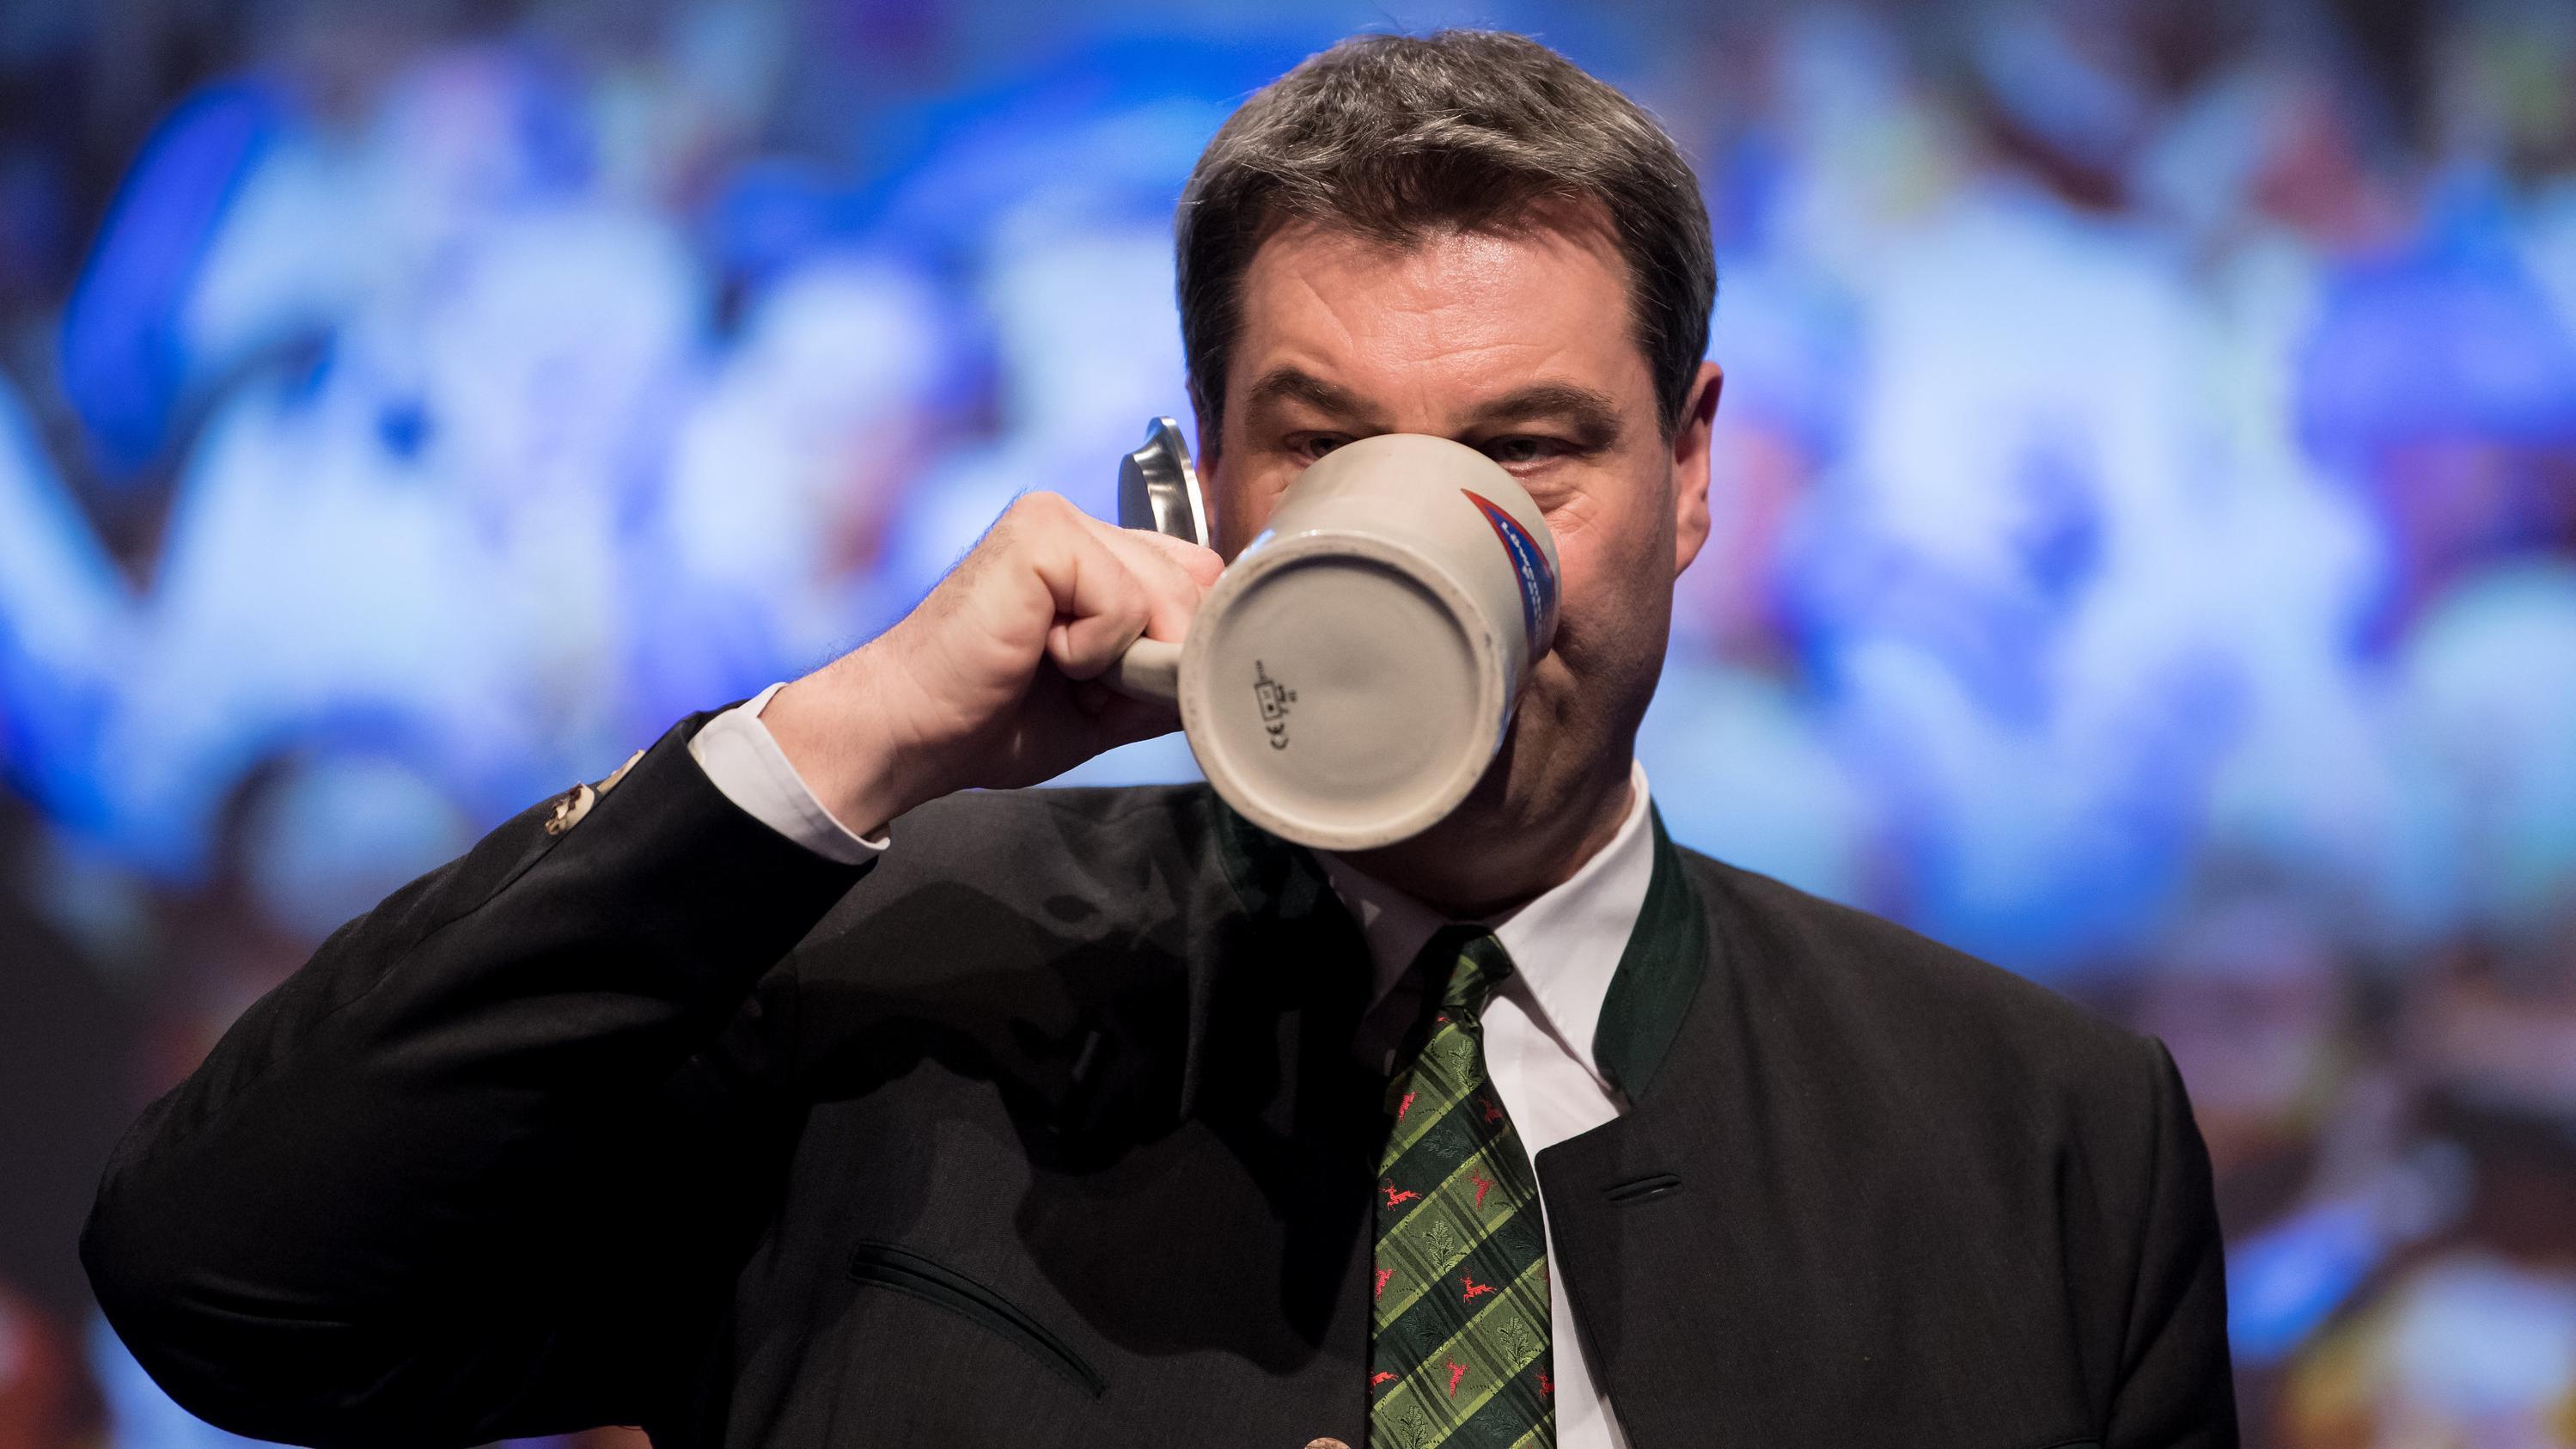 Markus Söder (CSU), damaliger Finanzminister von Bayern und amtierender Ministerpräsident, trinkt beim politischen Aschermittwoch der CSU nach seiner Rede ein Bier auf der Bühne.